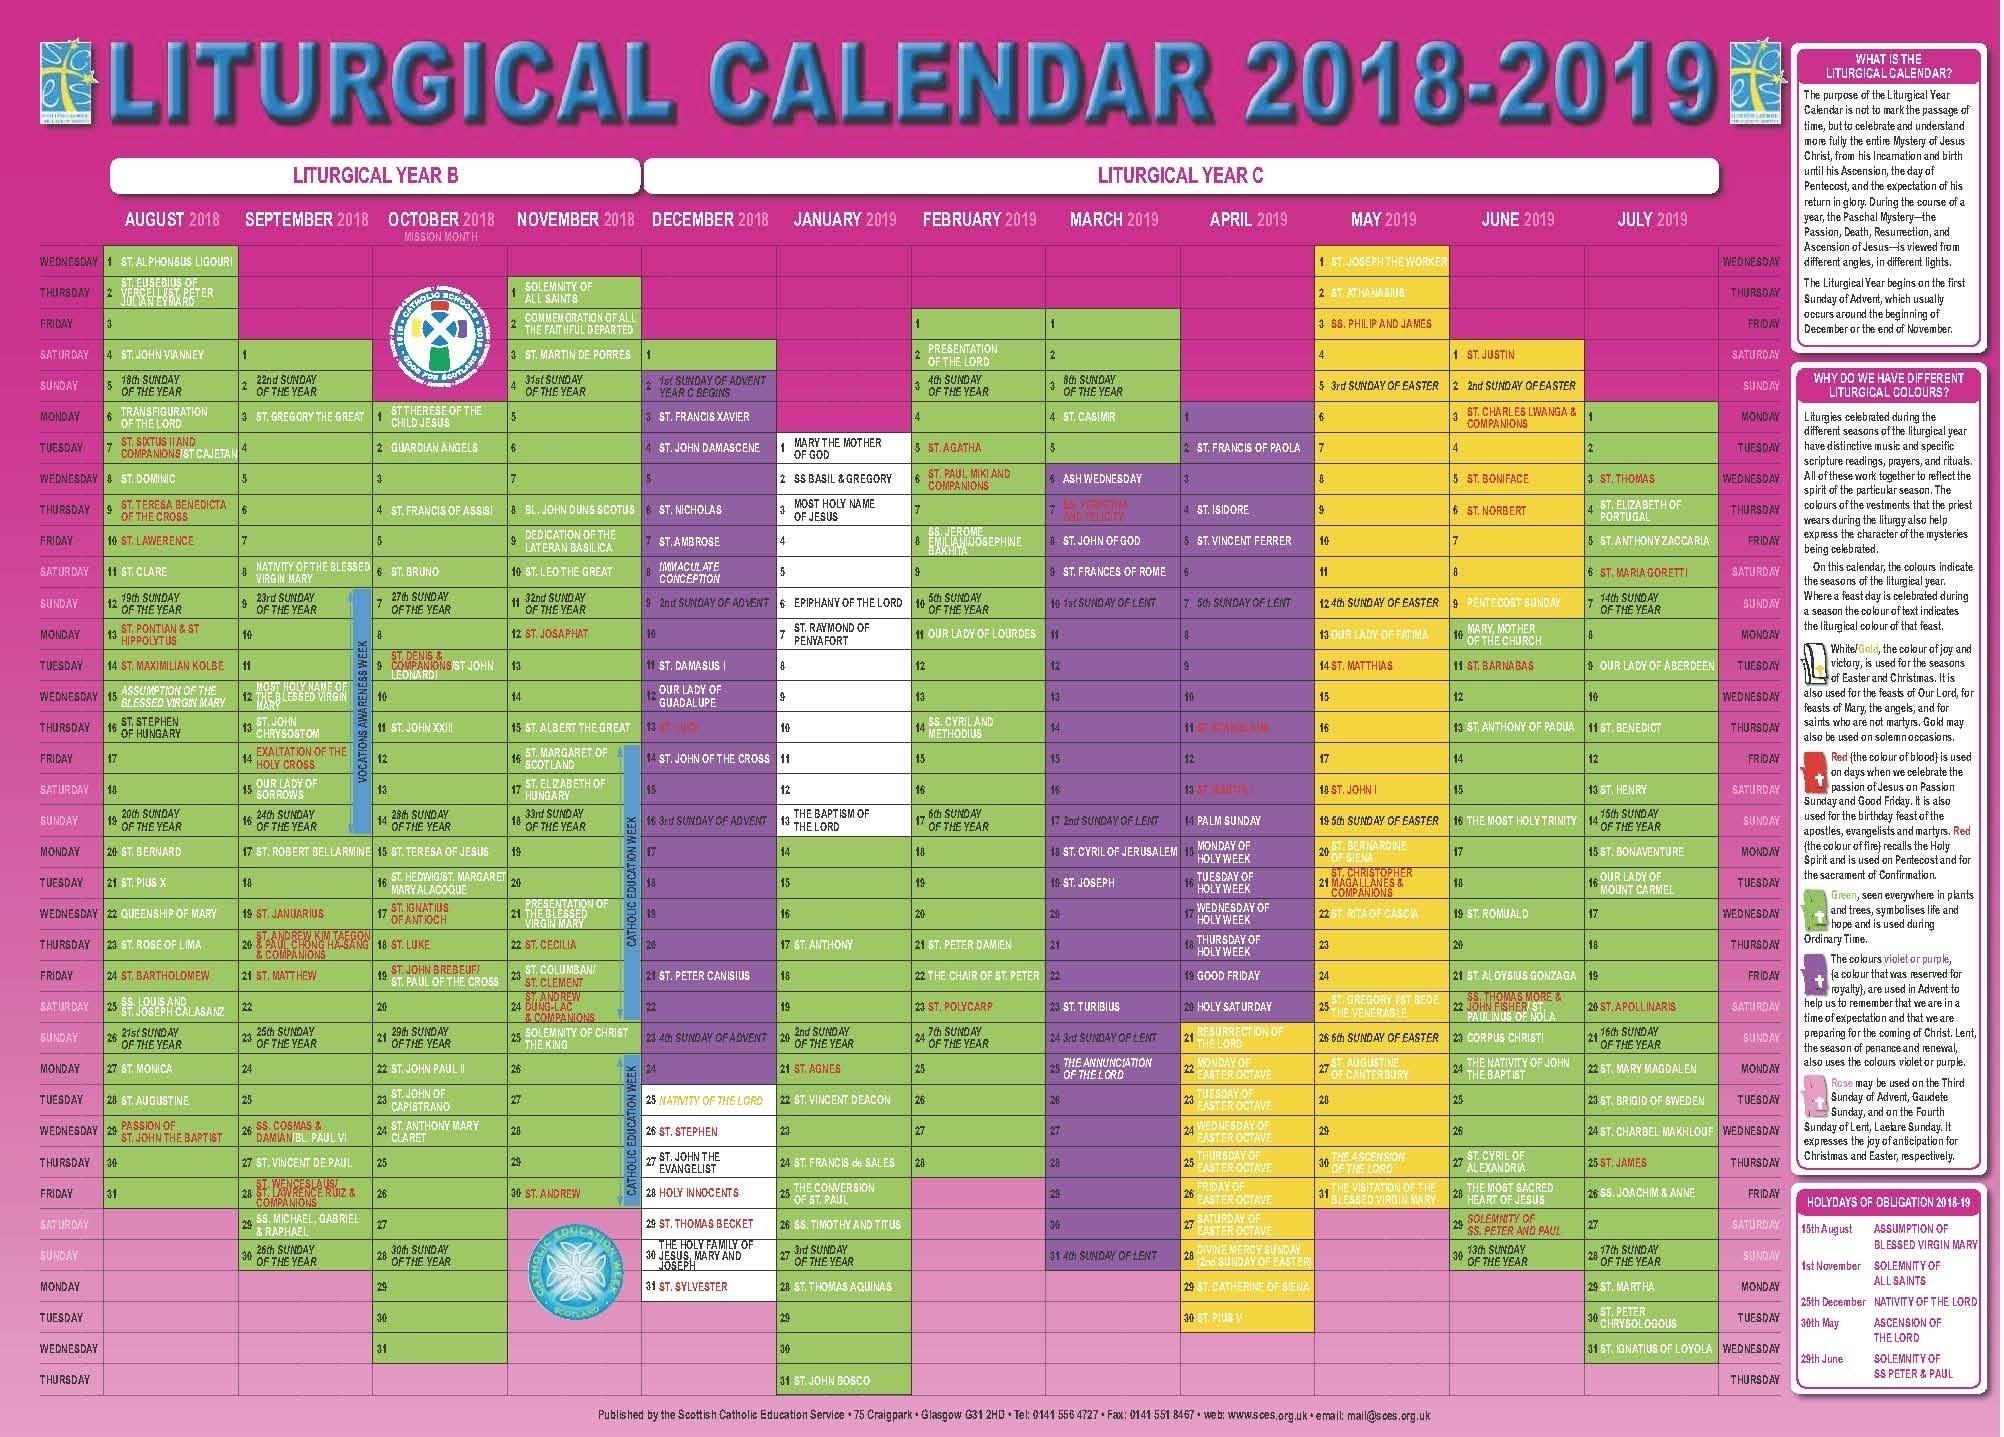 Catholic Liturgical Calendar 2020 Pdf - Calendar Inspiration with Printable Liturgical Calendar For 2020